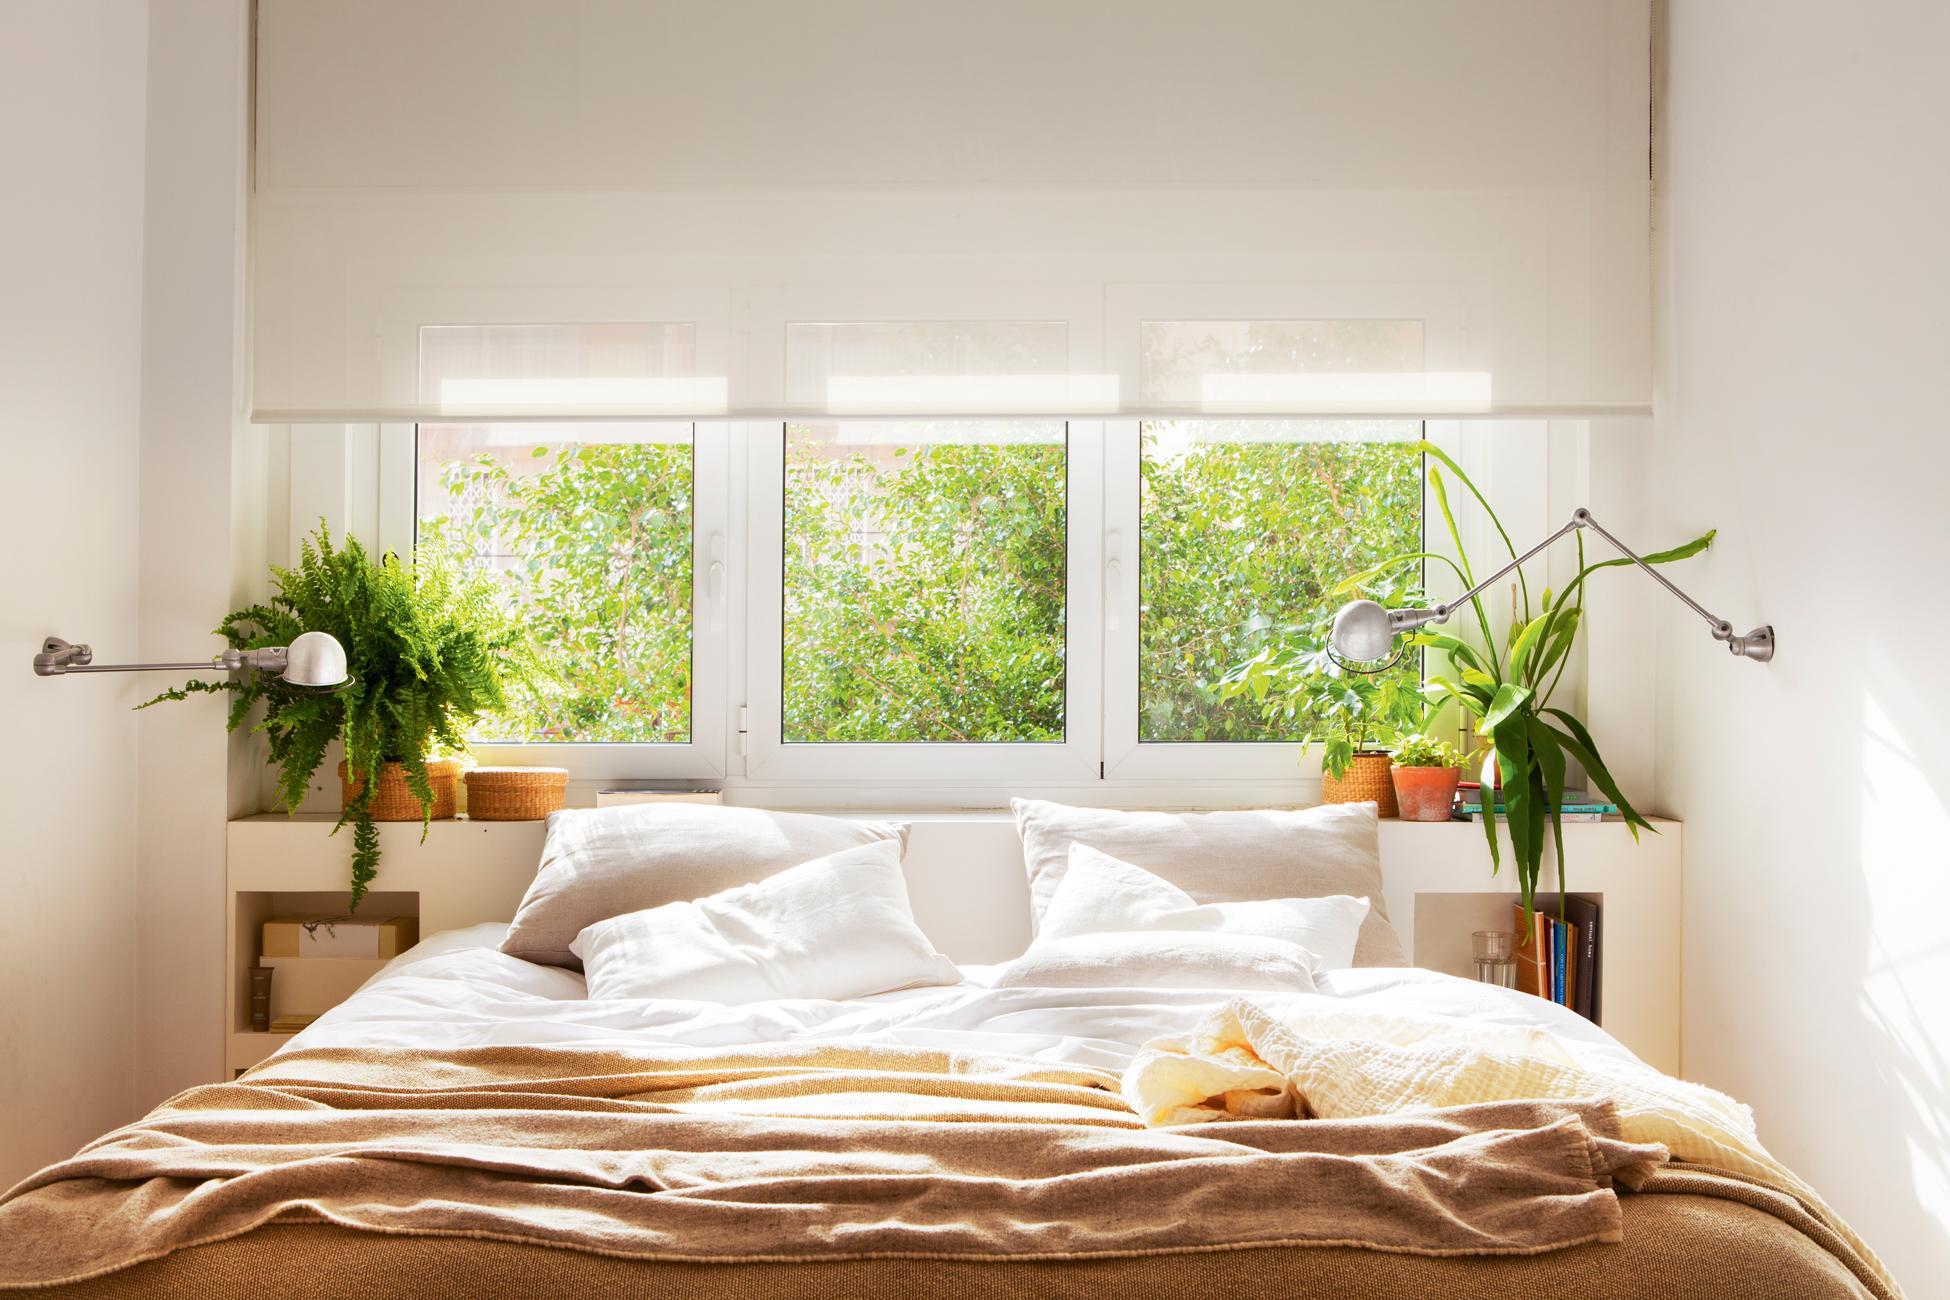 18 00427663. Dormitorio con la cama bajo el ventanal y cabecero blanco_18 00427663